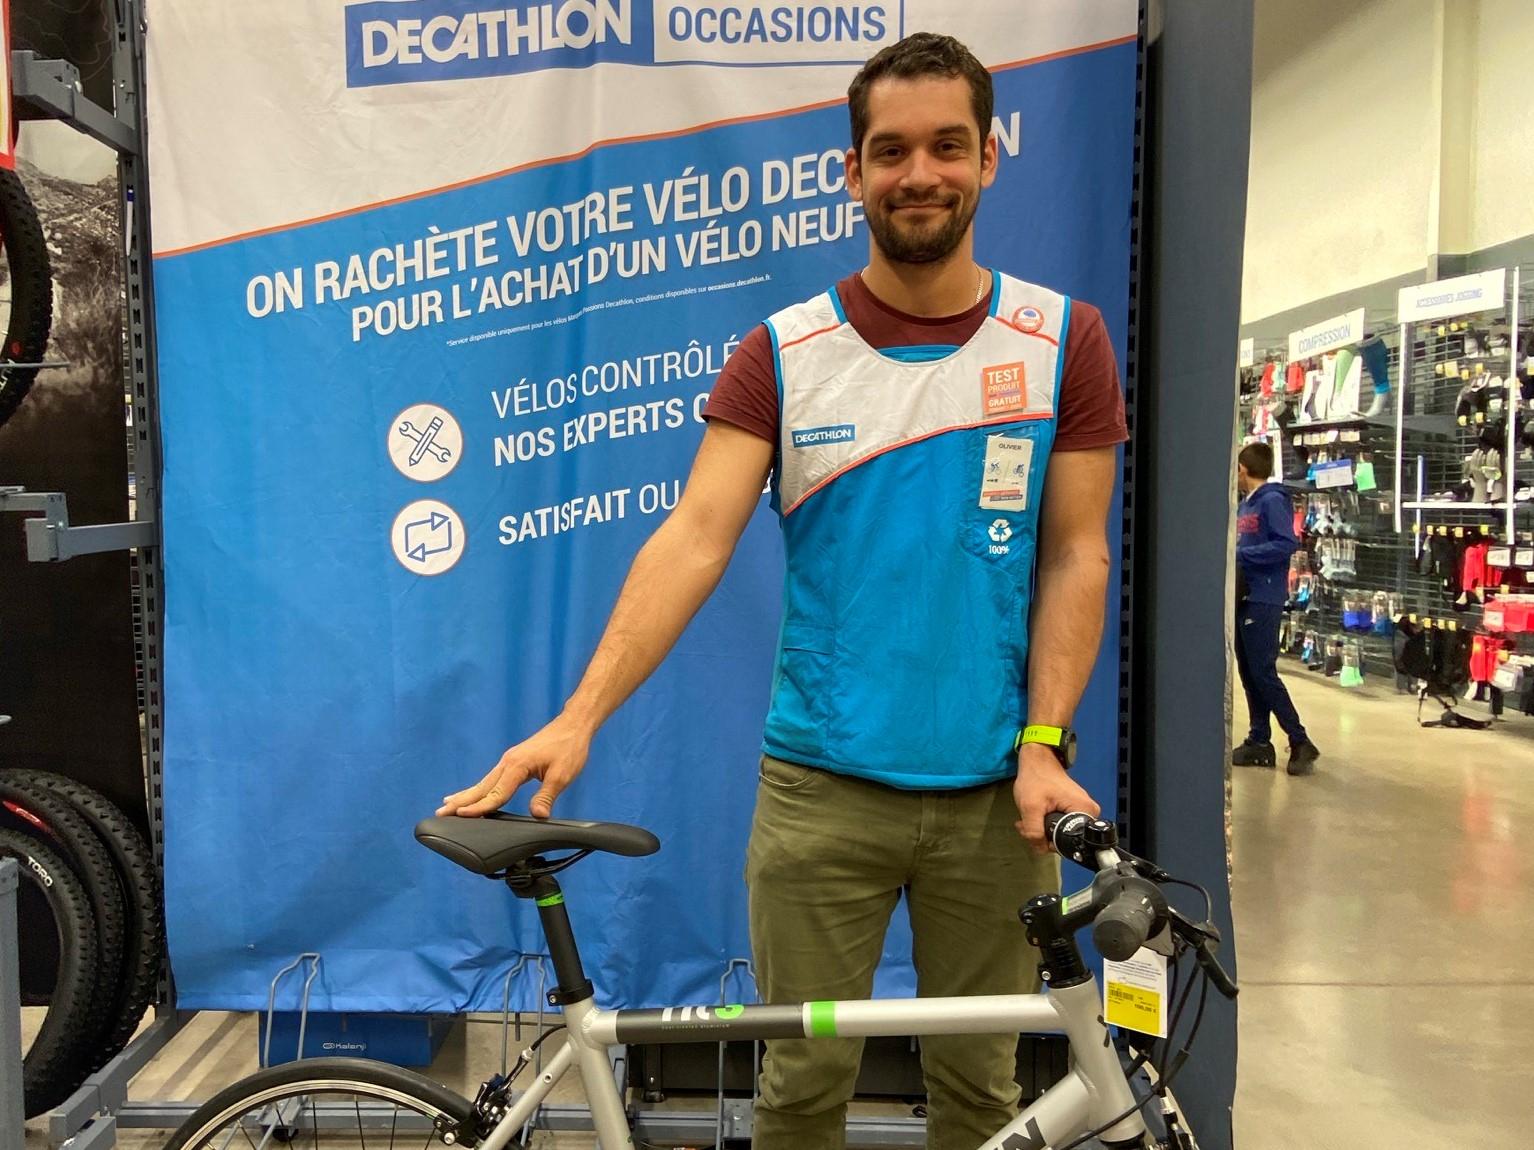 Sport] Décathlon Lance Son Service De Vélo D'occasion ... intérieur Velo Piscine Decathlon